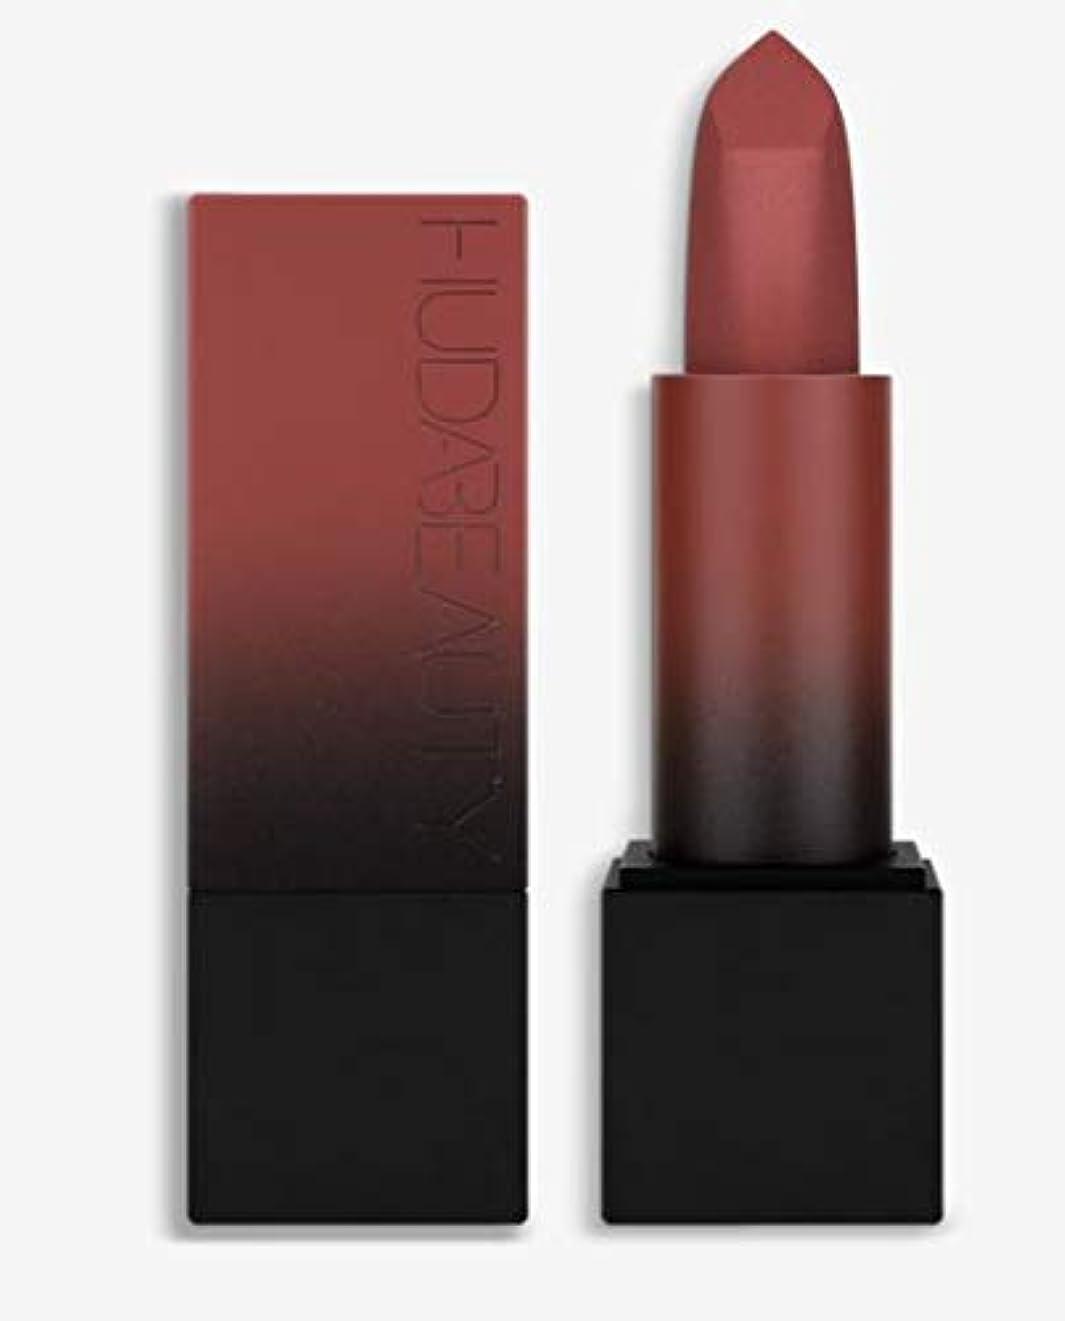 雑品変更可能後ろにHudabeauty Power Bullet Matte Lipstick マットリップ Third Date